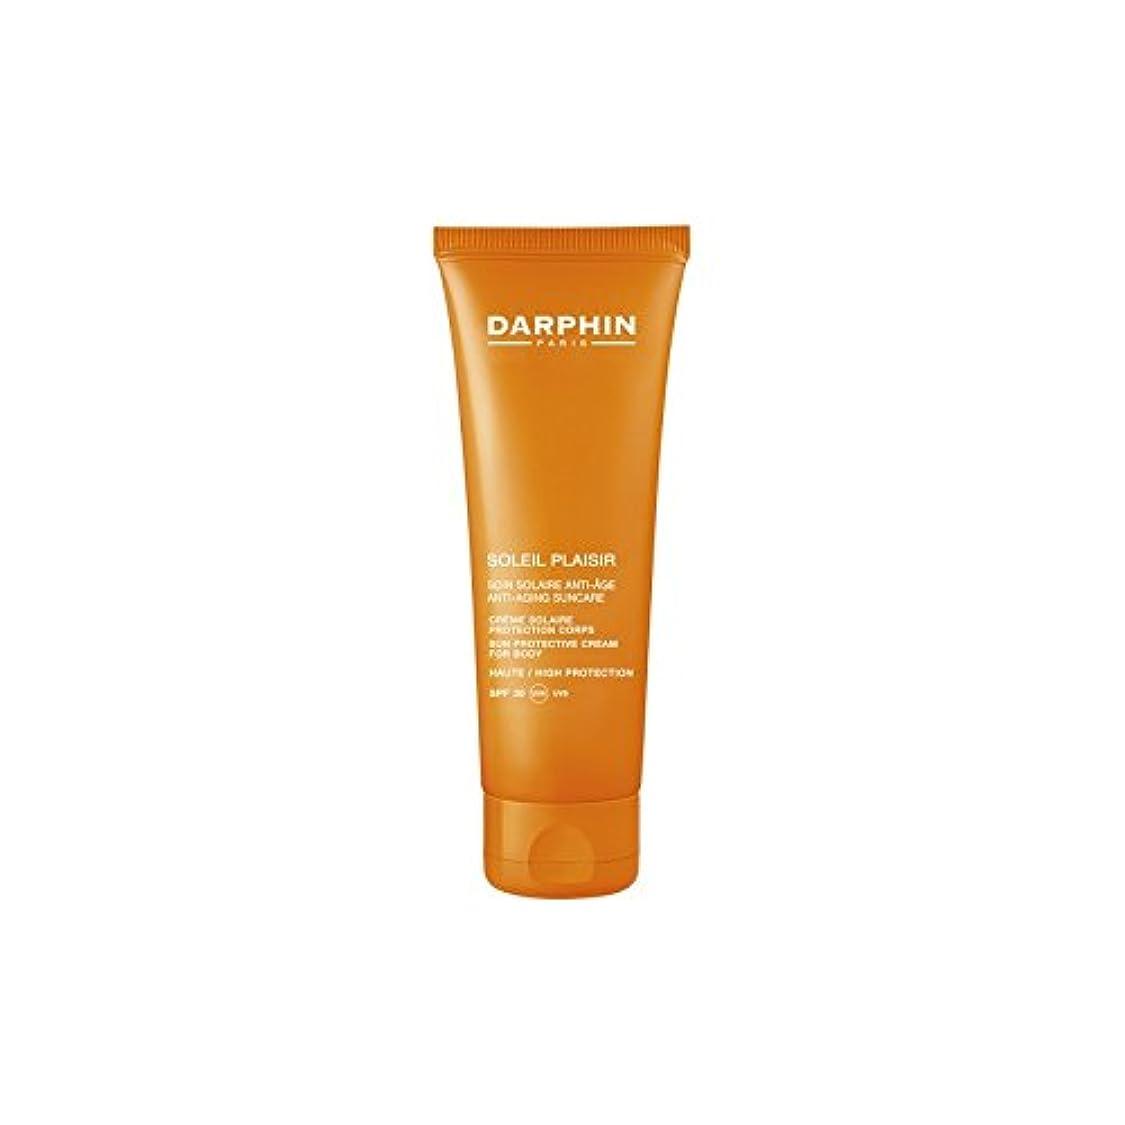 修理工アリス篭ダルファンソレイユプレジールボディクリーム x4 - Darphin Soleil Plaisir Body Cream (Pack of 4) [並行輸入品]